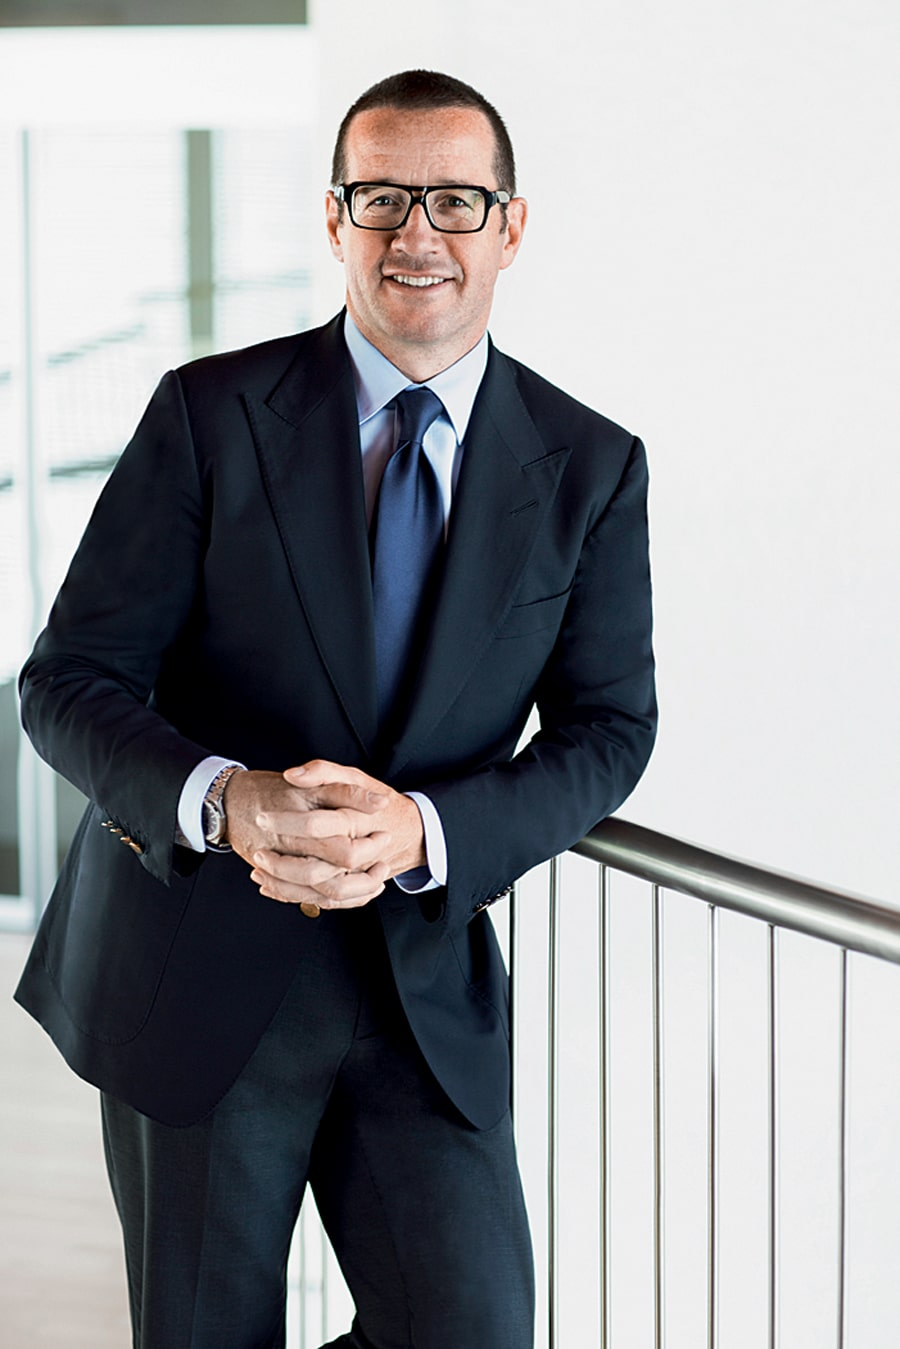 Audemars Piguet: CEO François-Henry Bennahmias